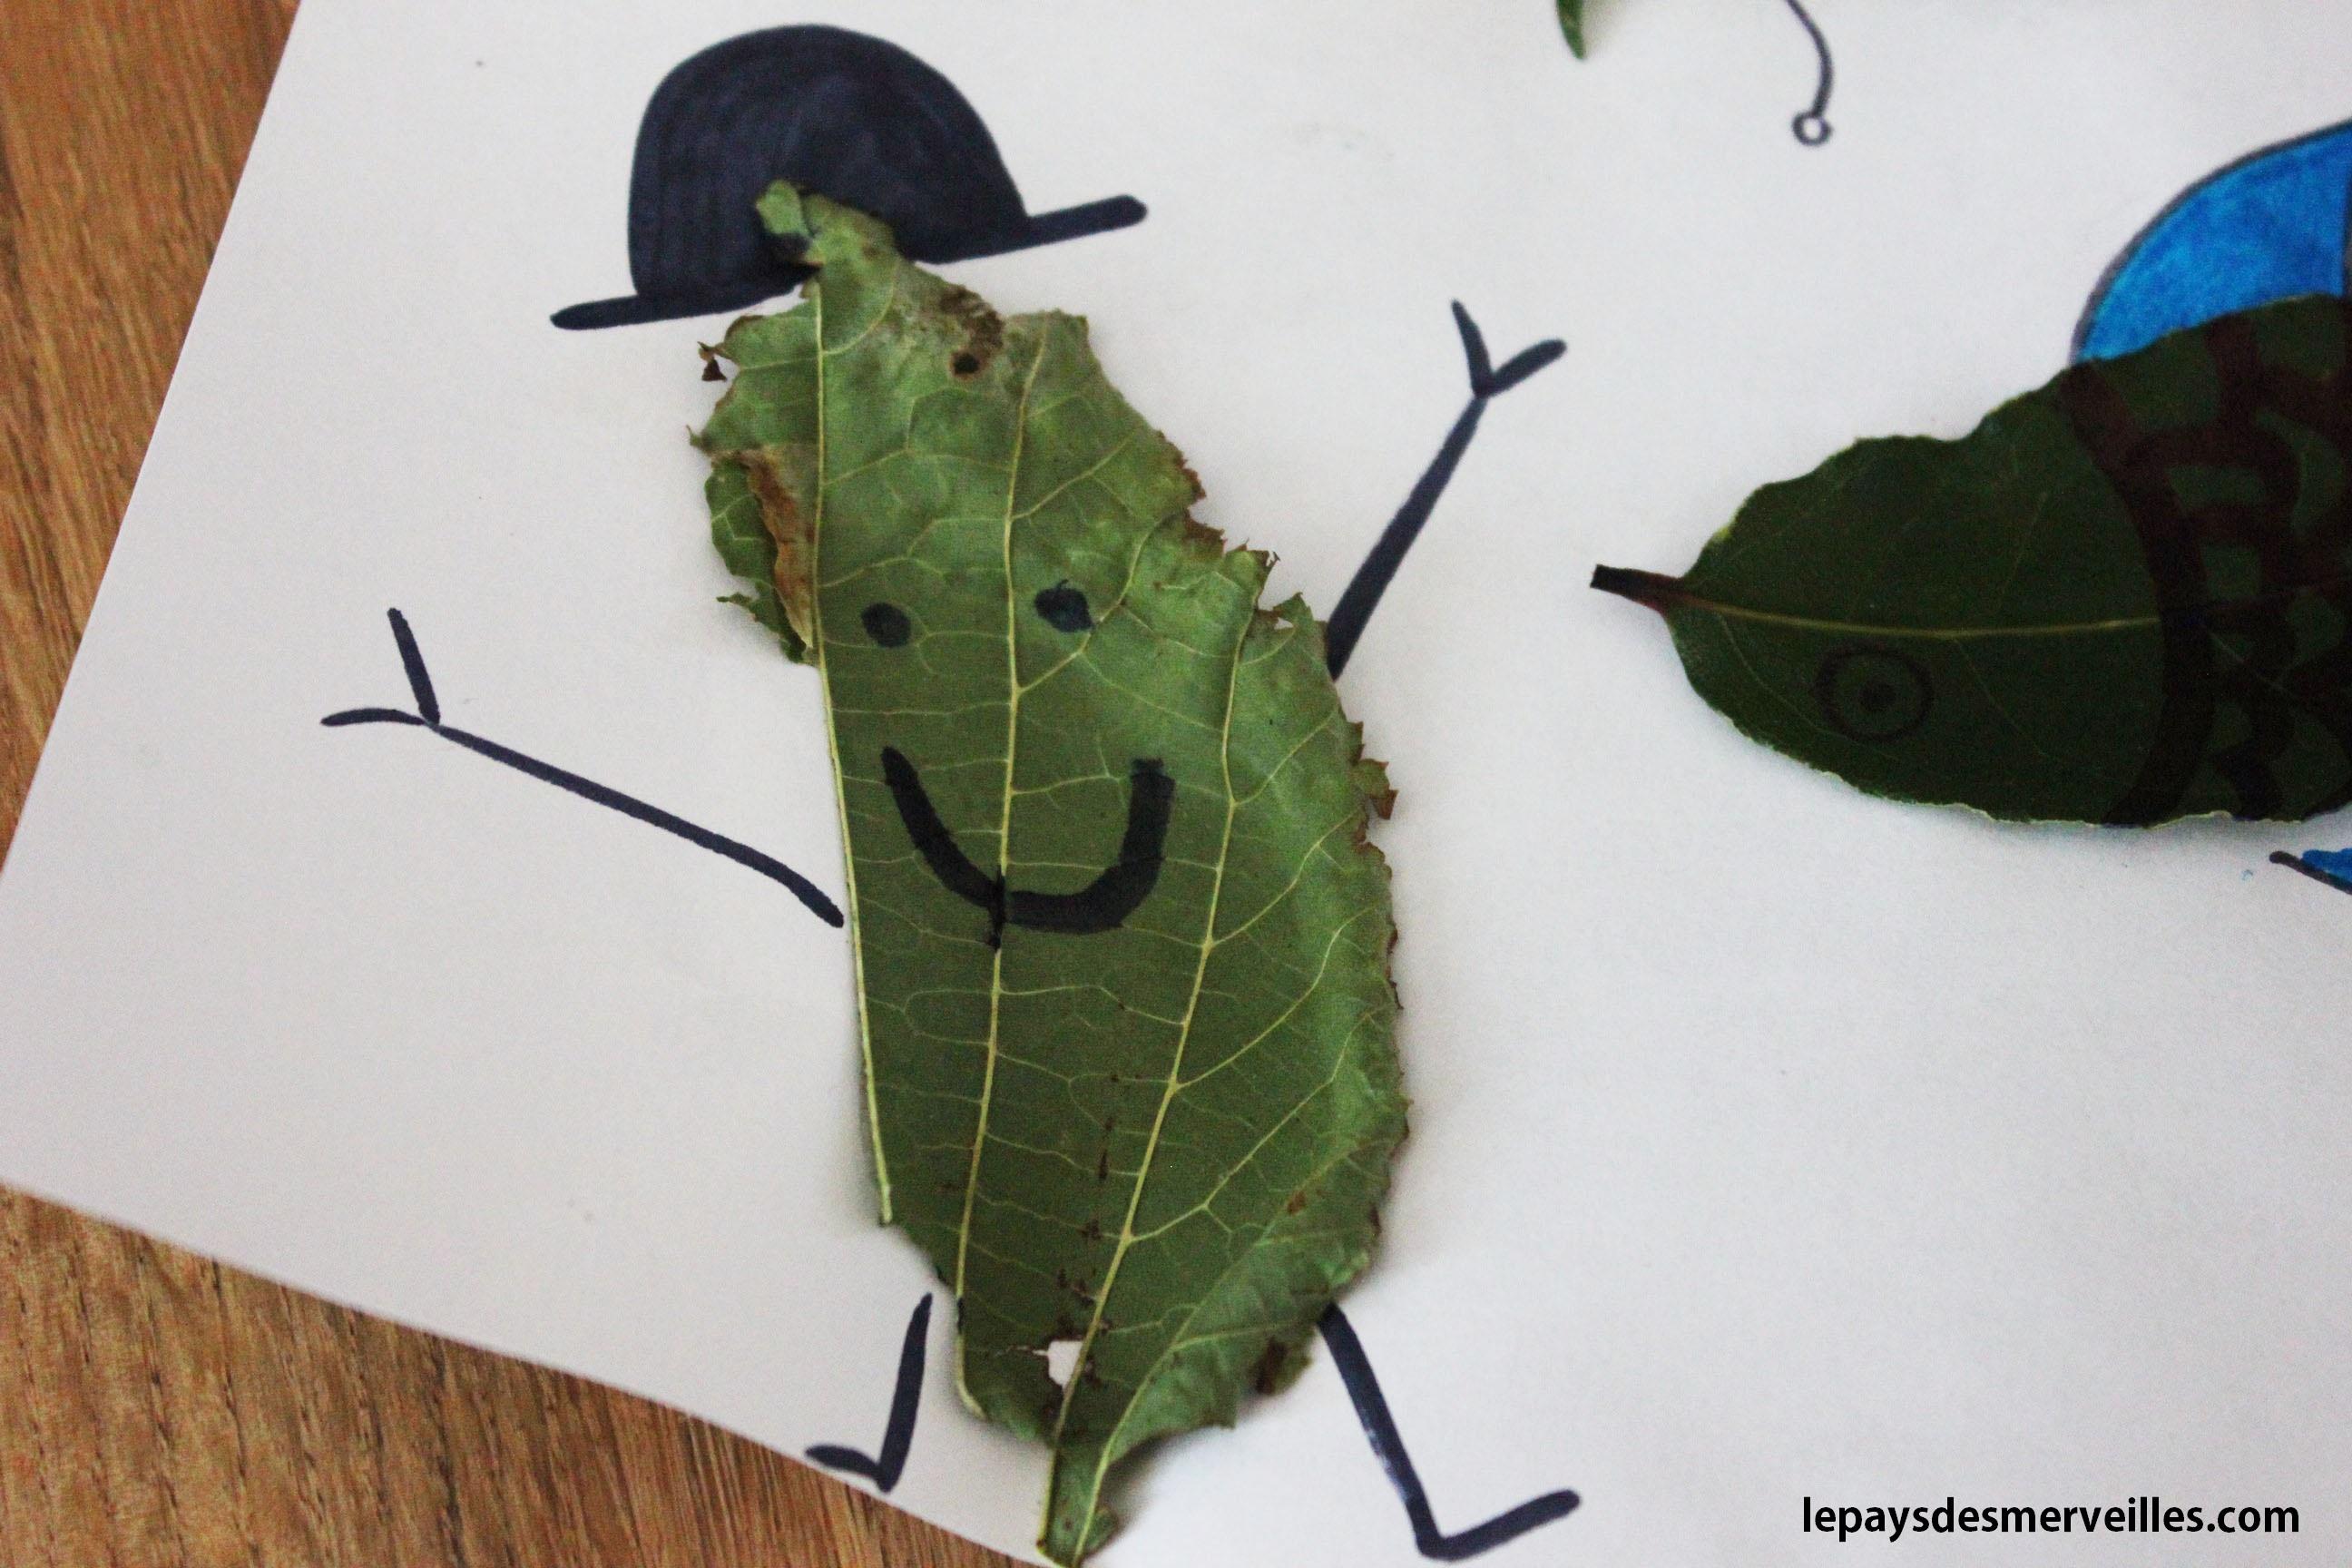 Premier bricolage d 39 automne collage de feuilles d 39 arbre le pays des merveilles - Bricolage feuille d automne ...